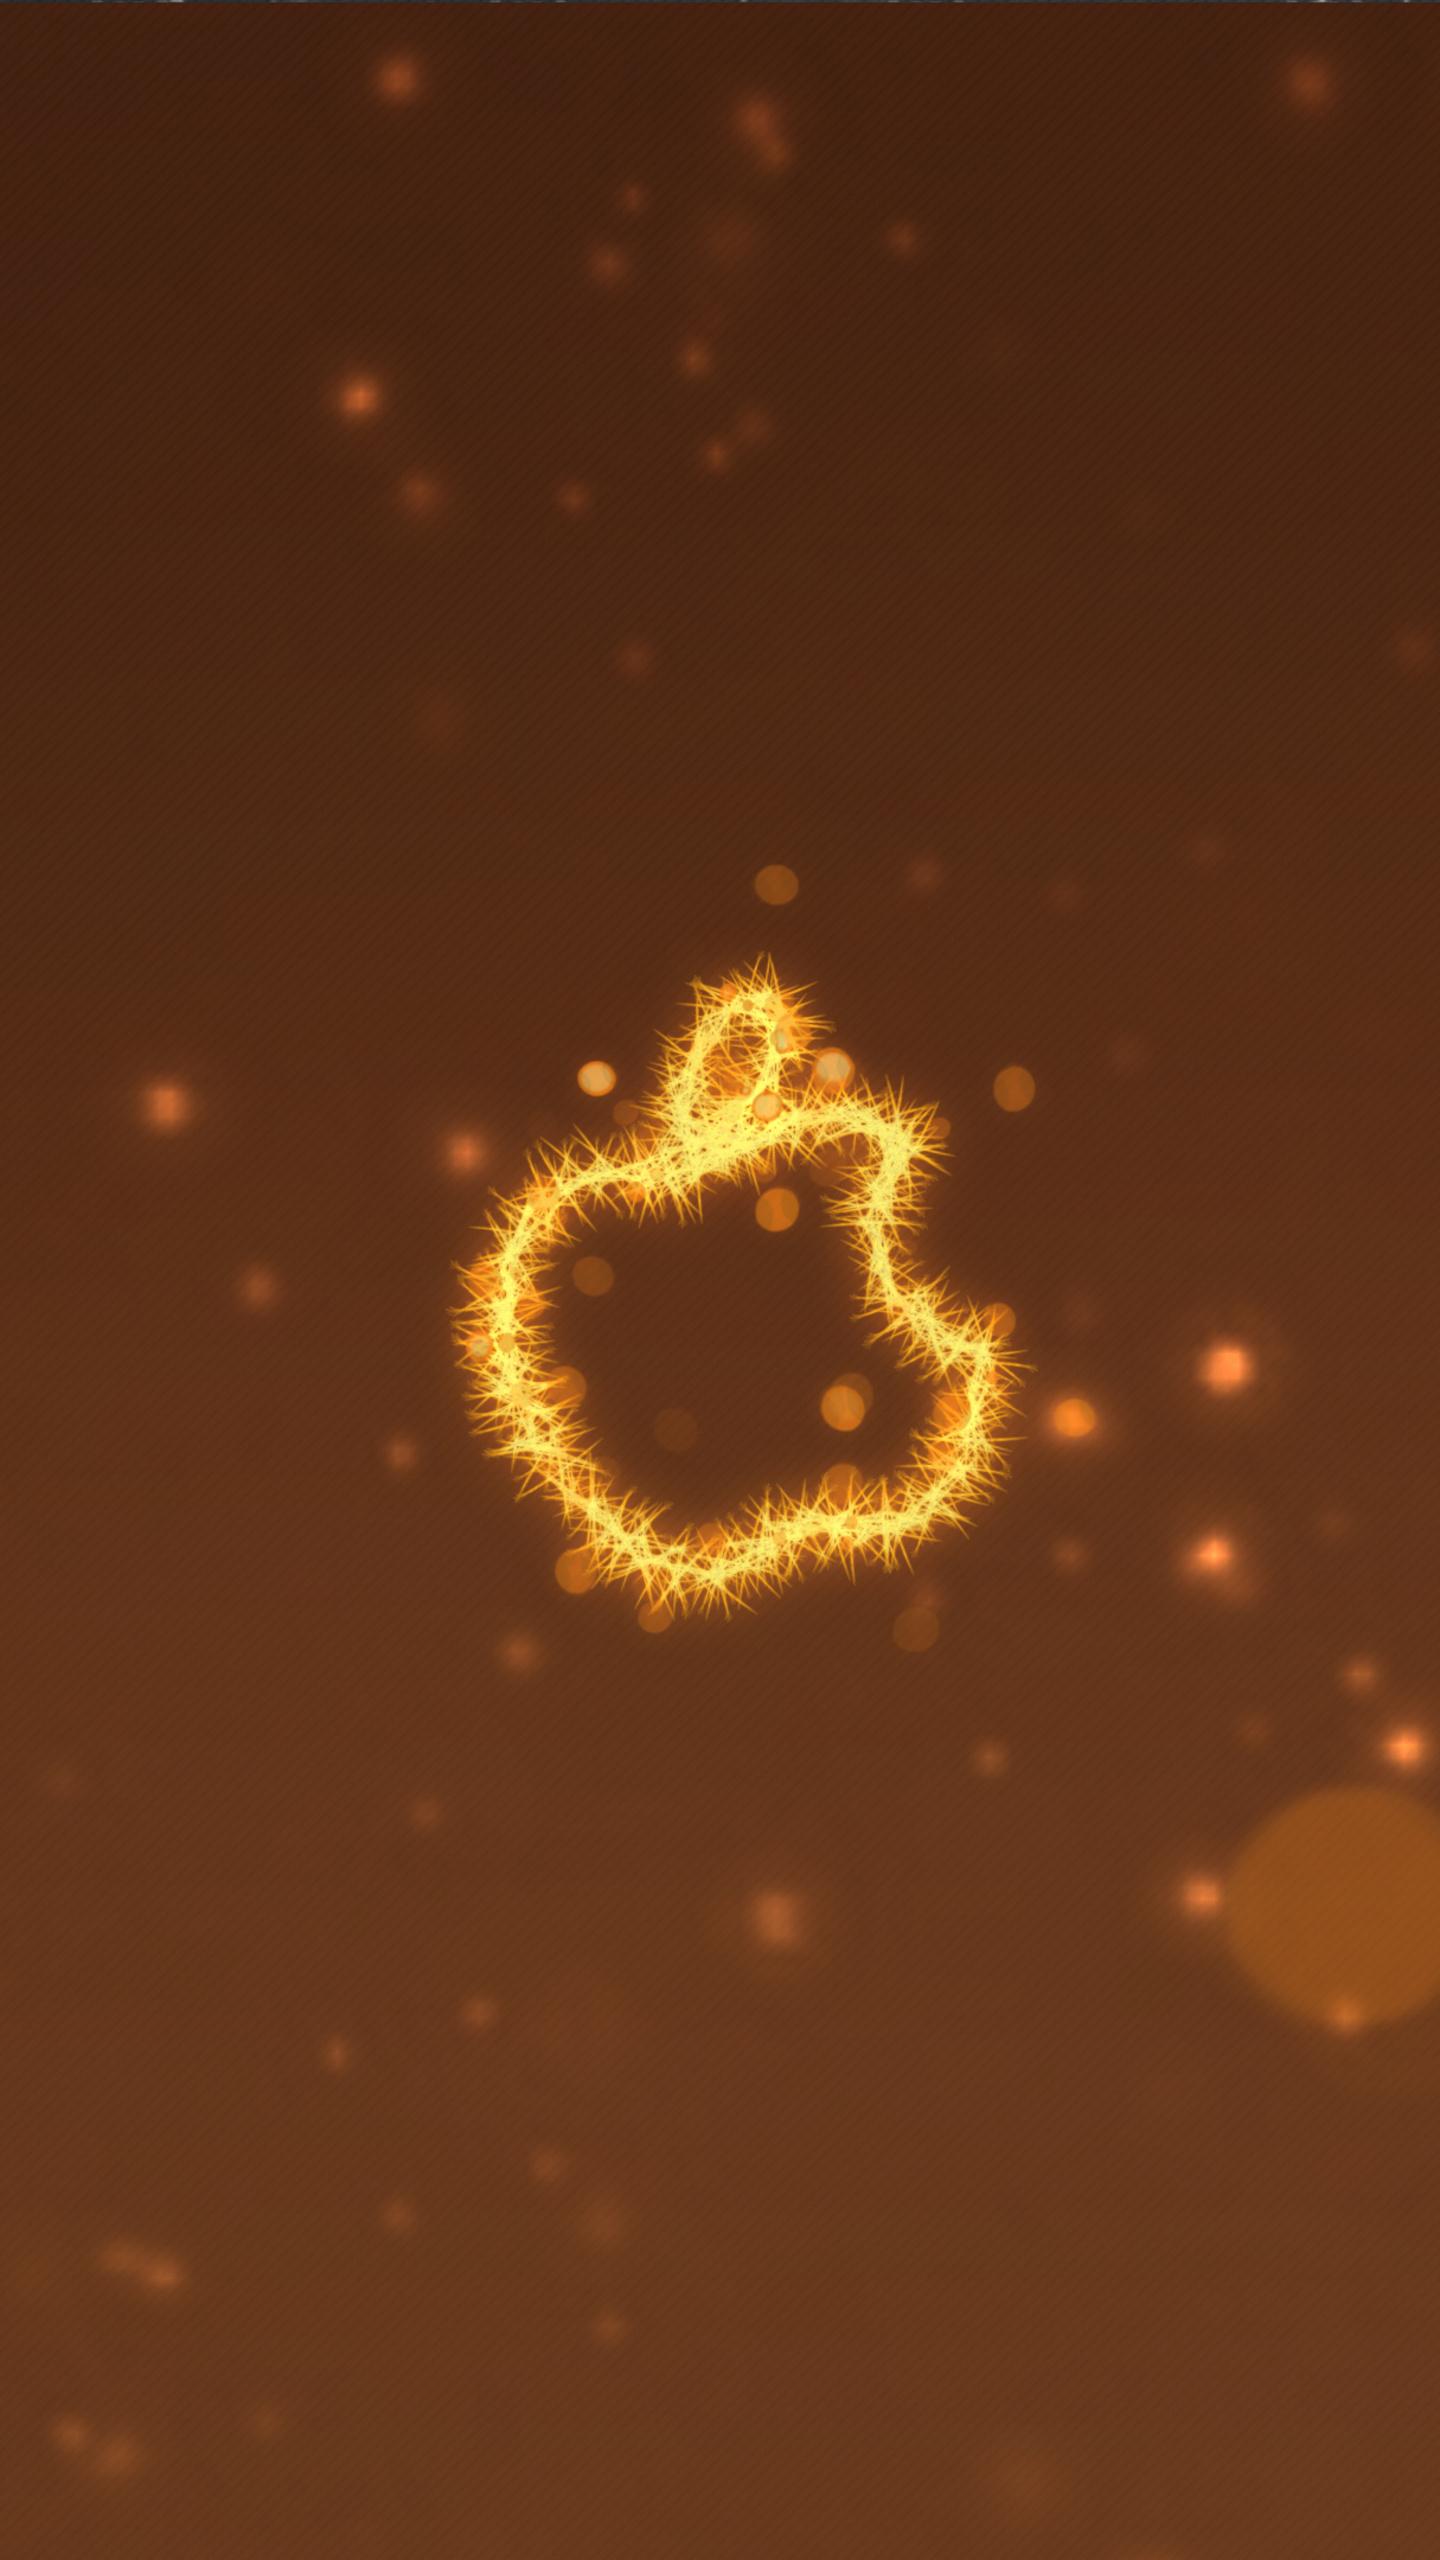 apple logo lighten 4k 8n